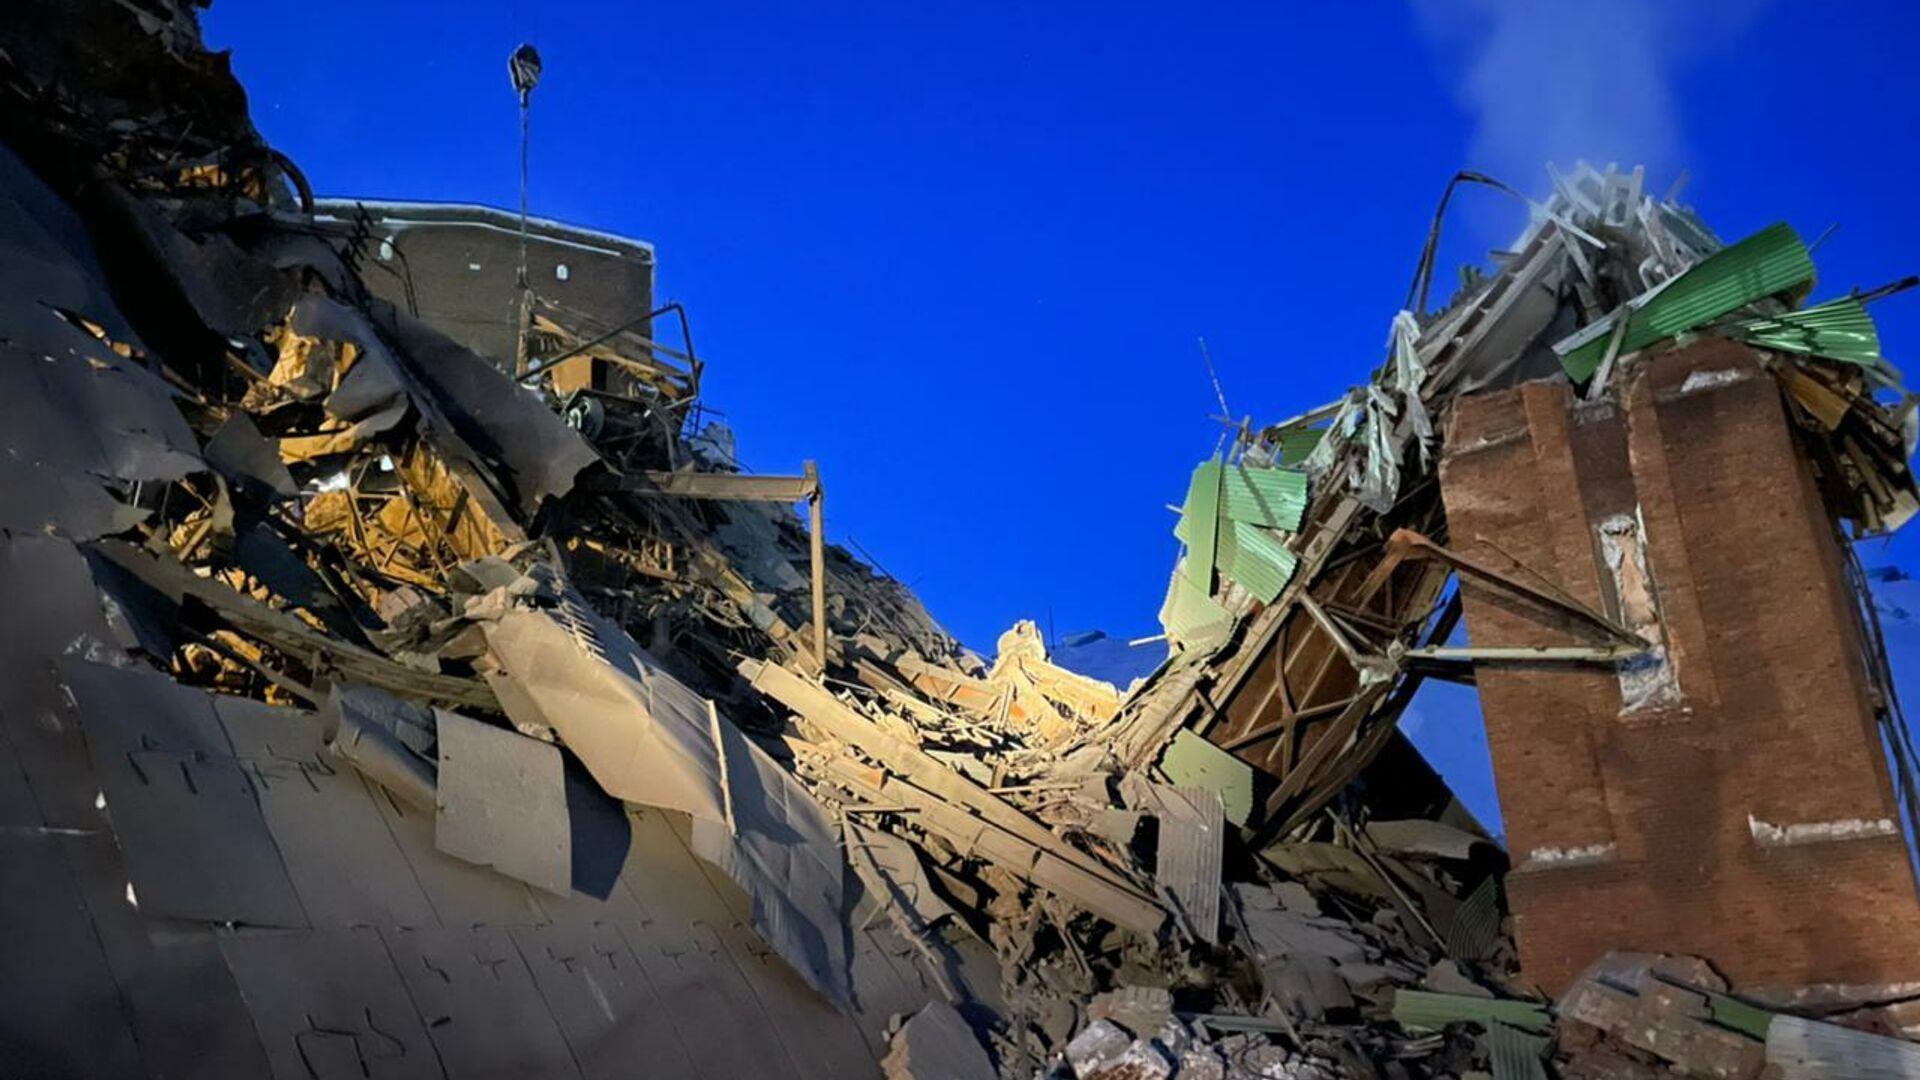 Последствия обрушения в цеху на Норильской обогатительной фабрике - РИА Новости, 1920, 20.02.2021